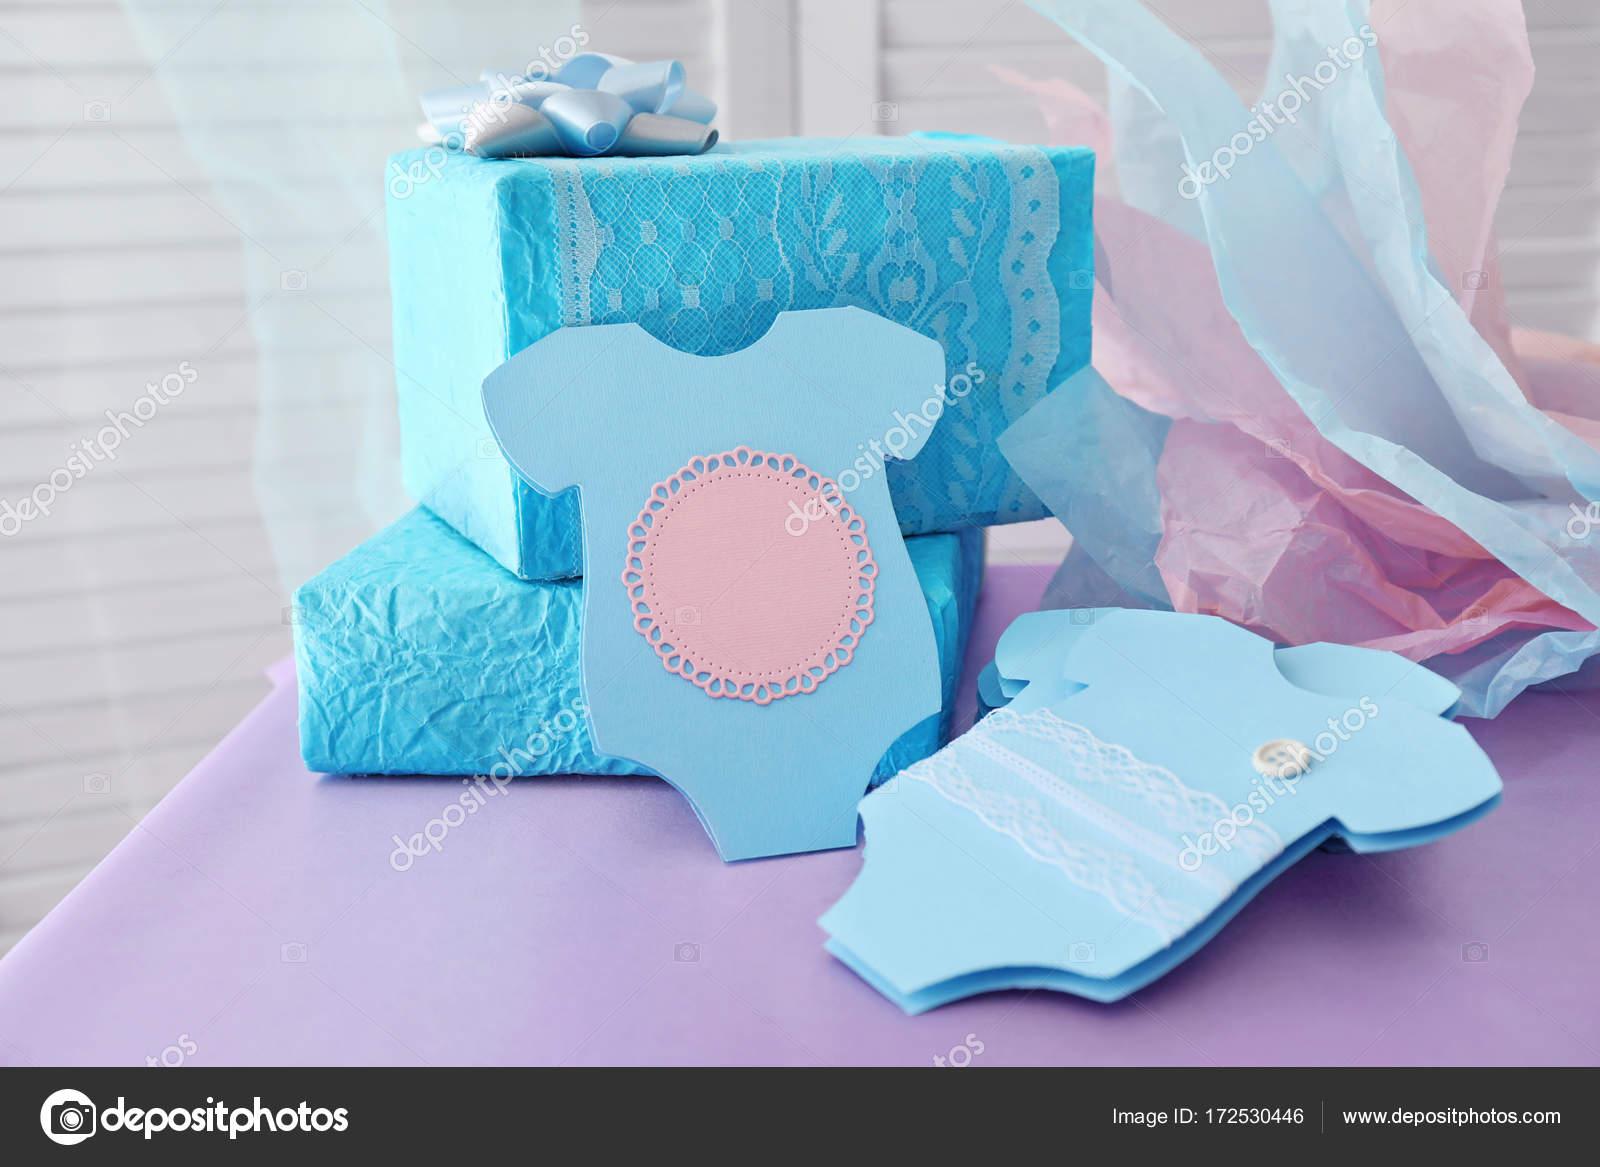 c7b67f79b8cf9 Bebé ducha tarjetas de agradecimiento y regalos en la mesa - como hacer  tarjetas de agradecimiento para baby shower — Foto de belchonock — Foto de  ...